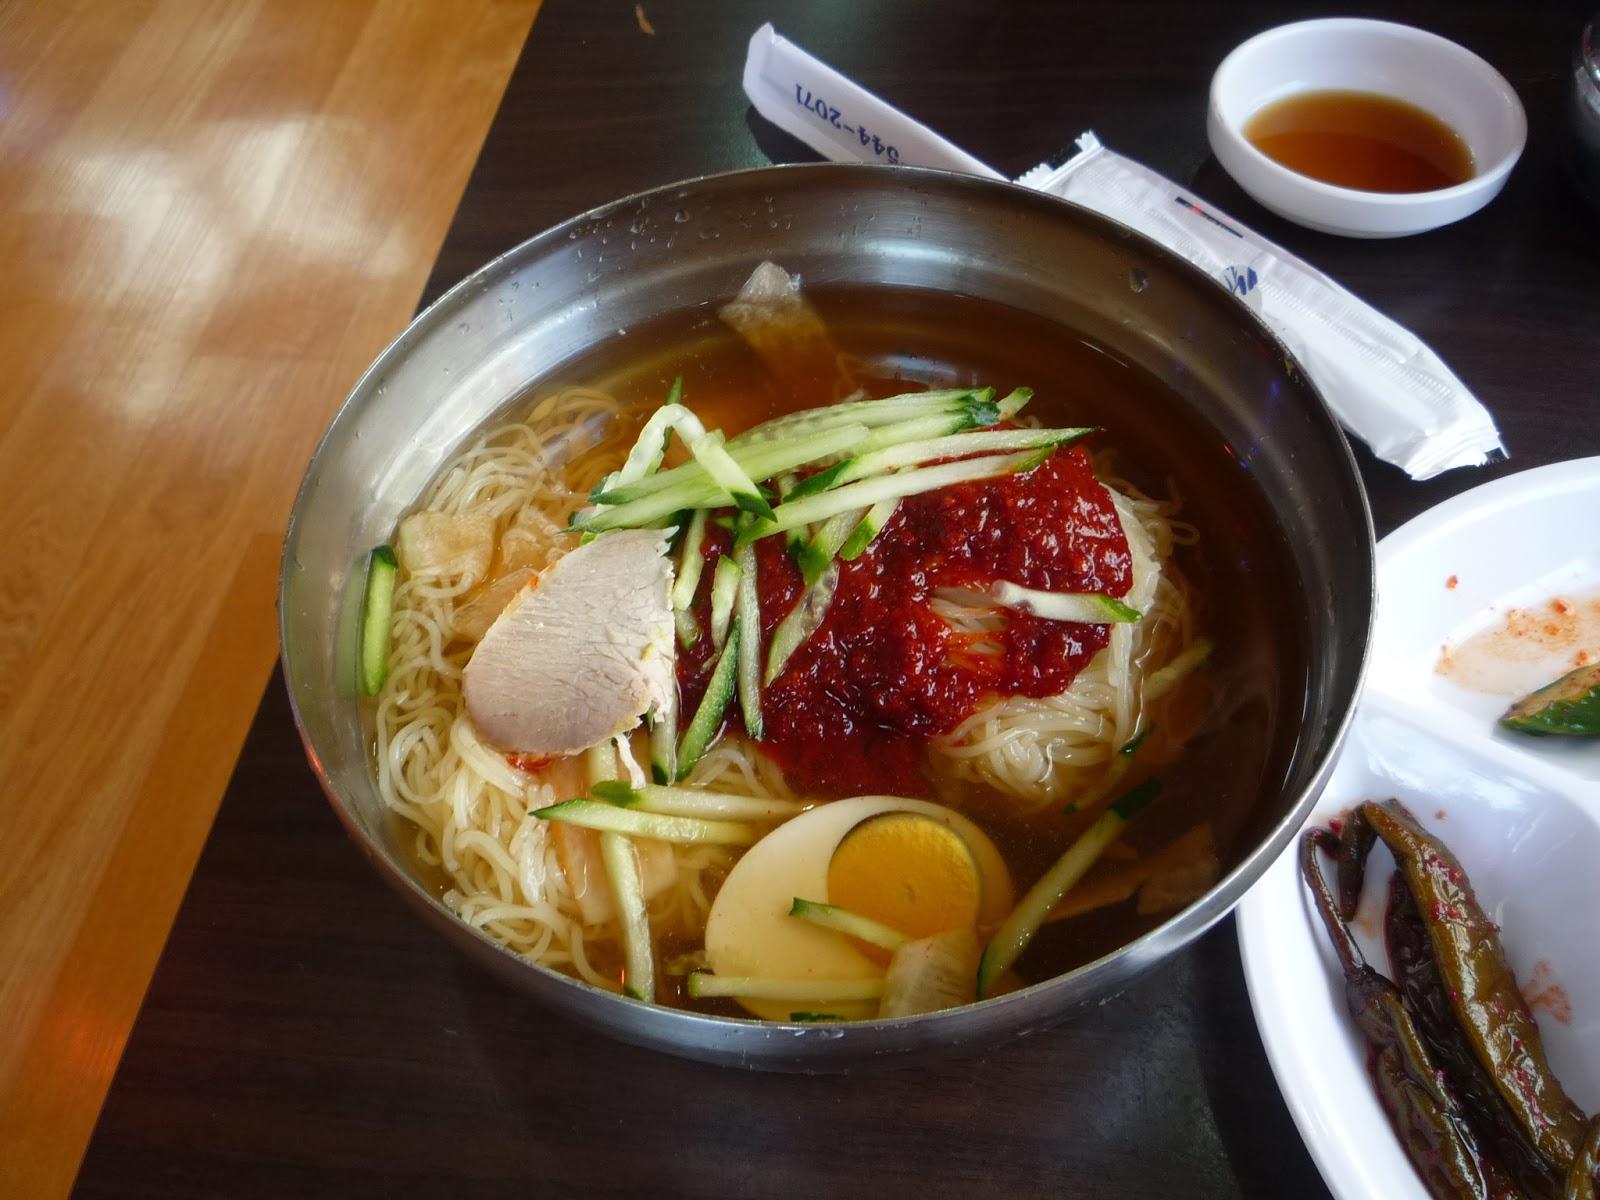 Clara的玩樂速寫誌: 釜山首爾追櫻記(八):鎮海明太魚湯鍋好滋味